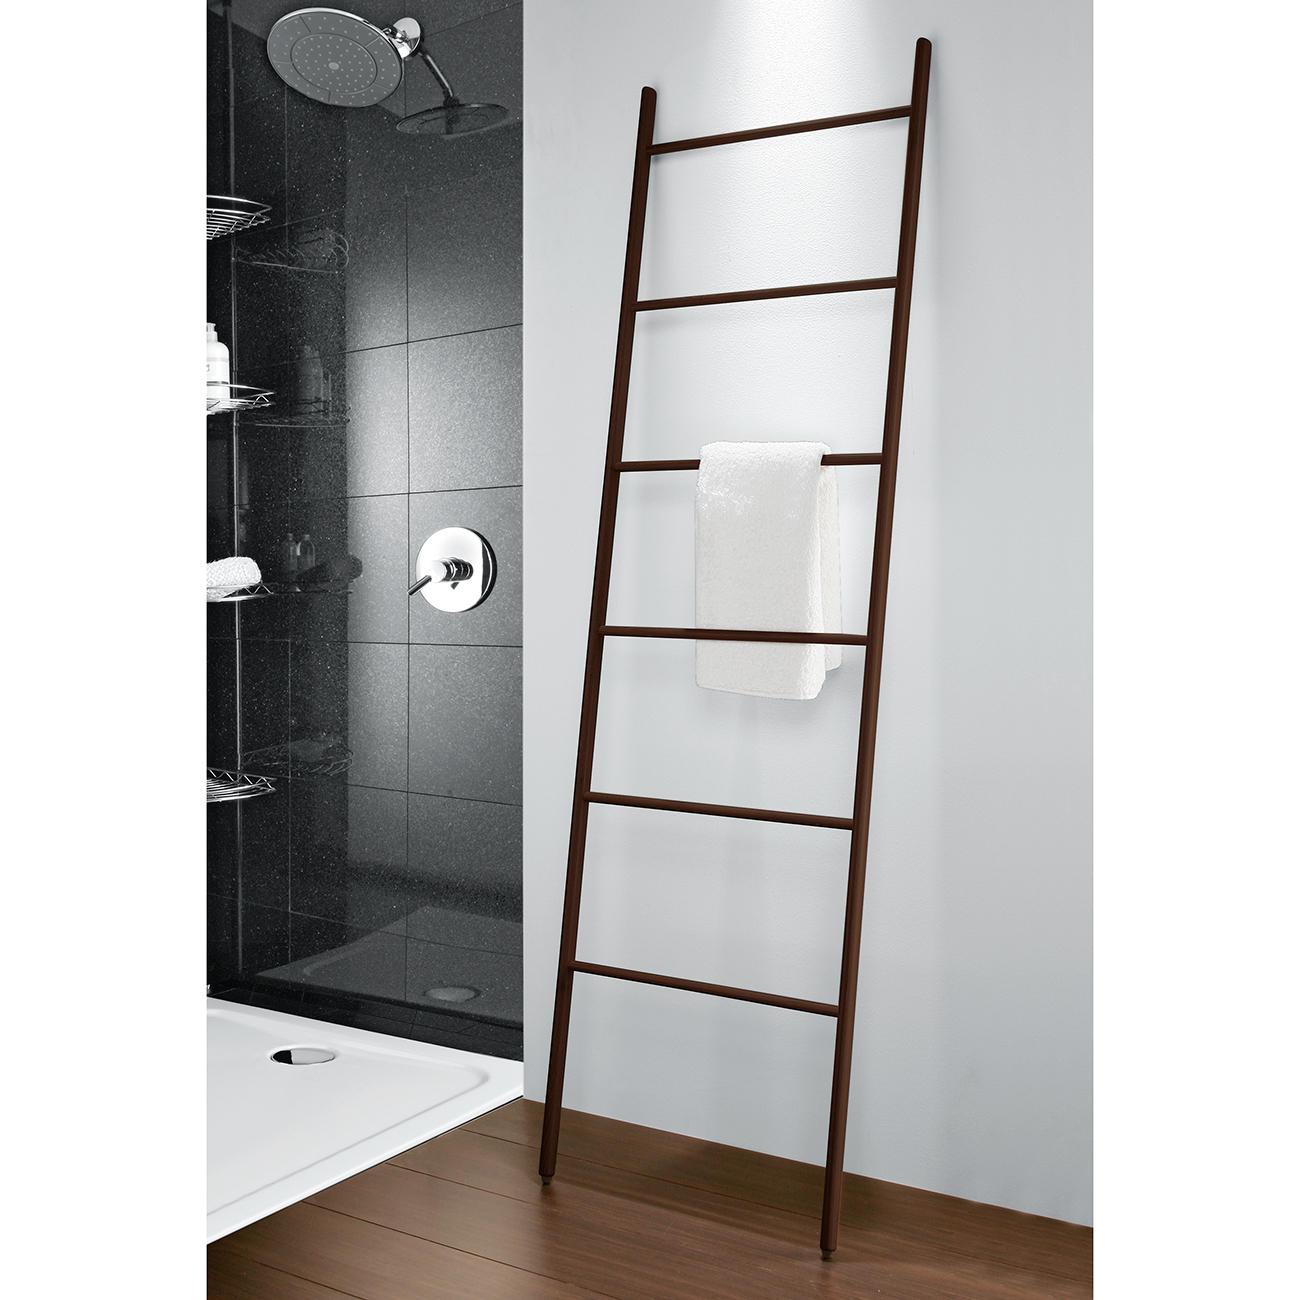 eschenholz leiter 3 jahre garantie pro idee. Black Bedroom Furniture Sets. Home Design Ideas